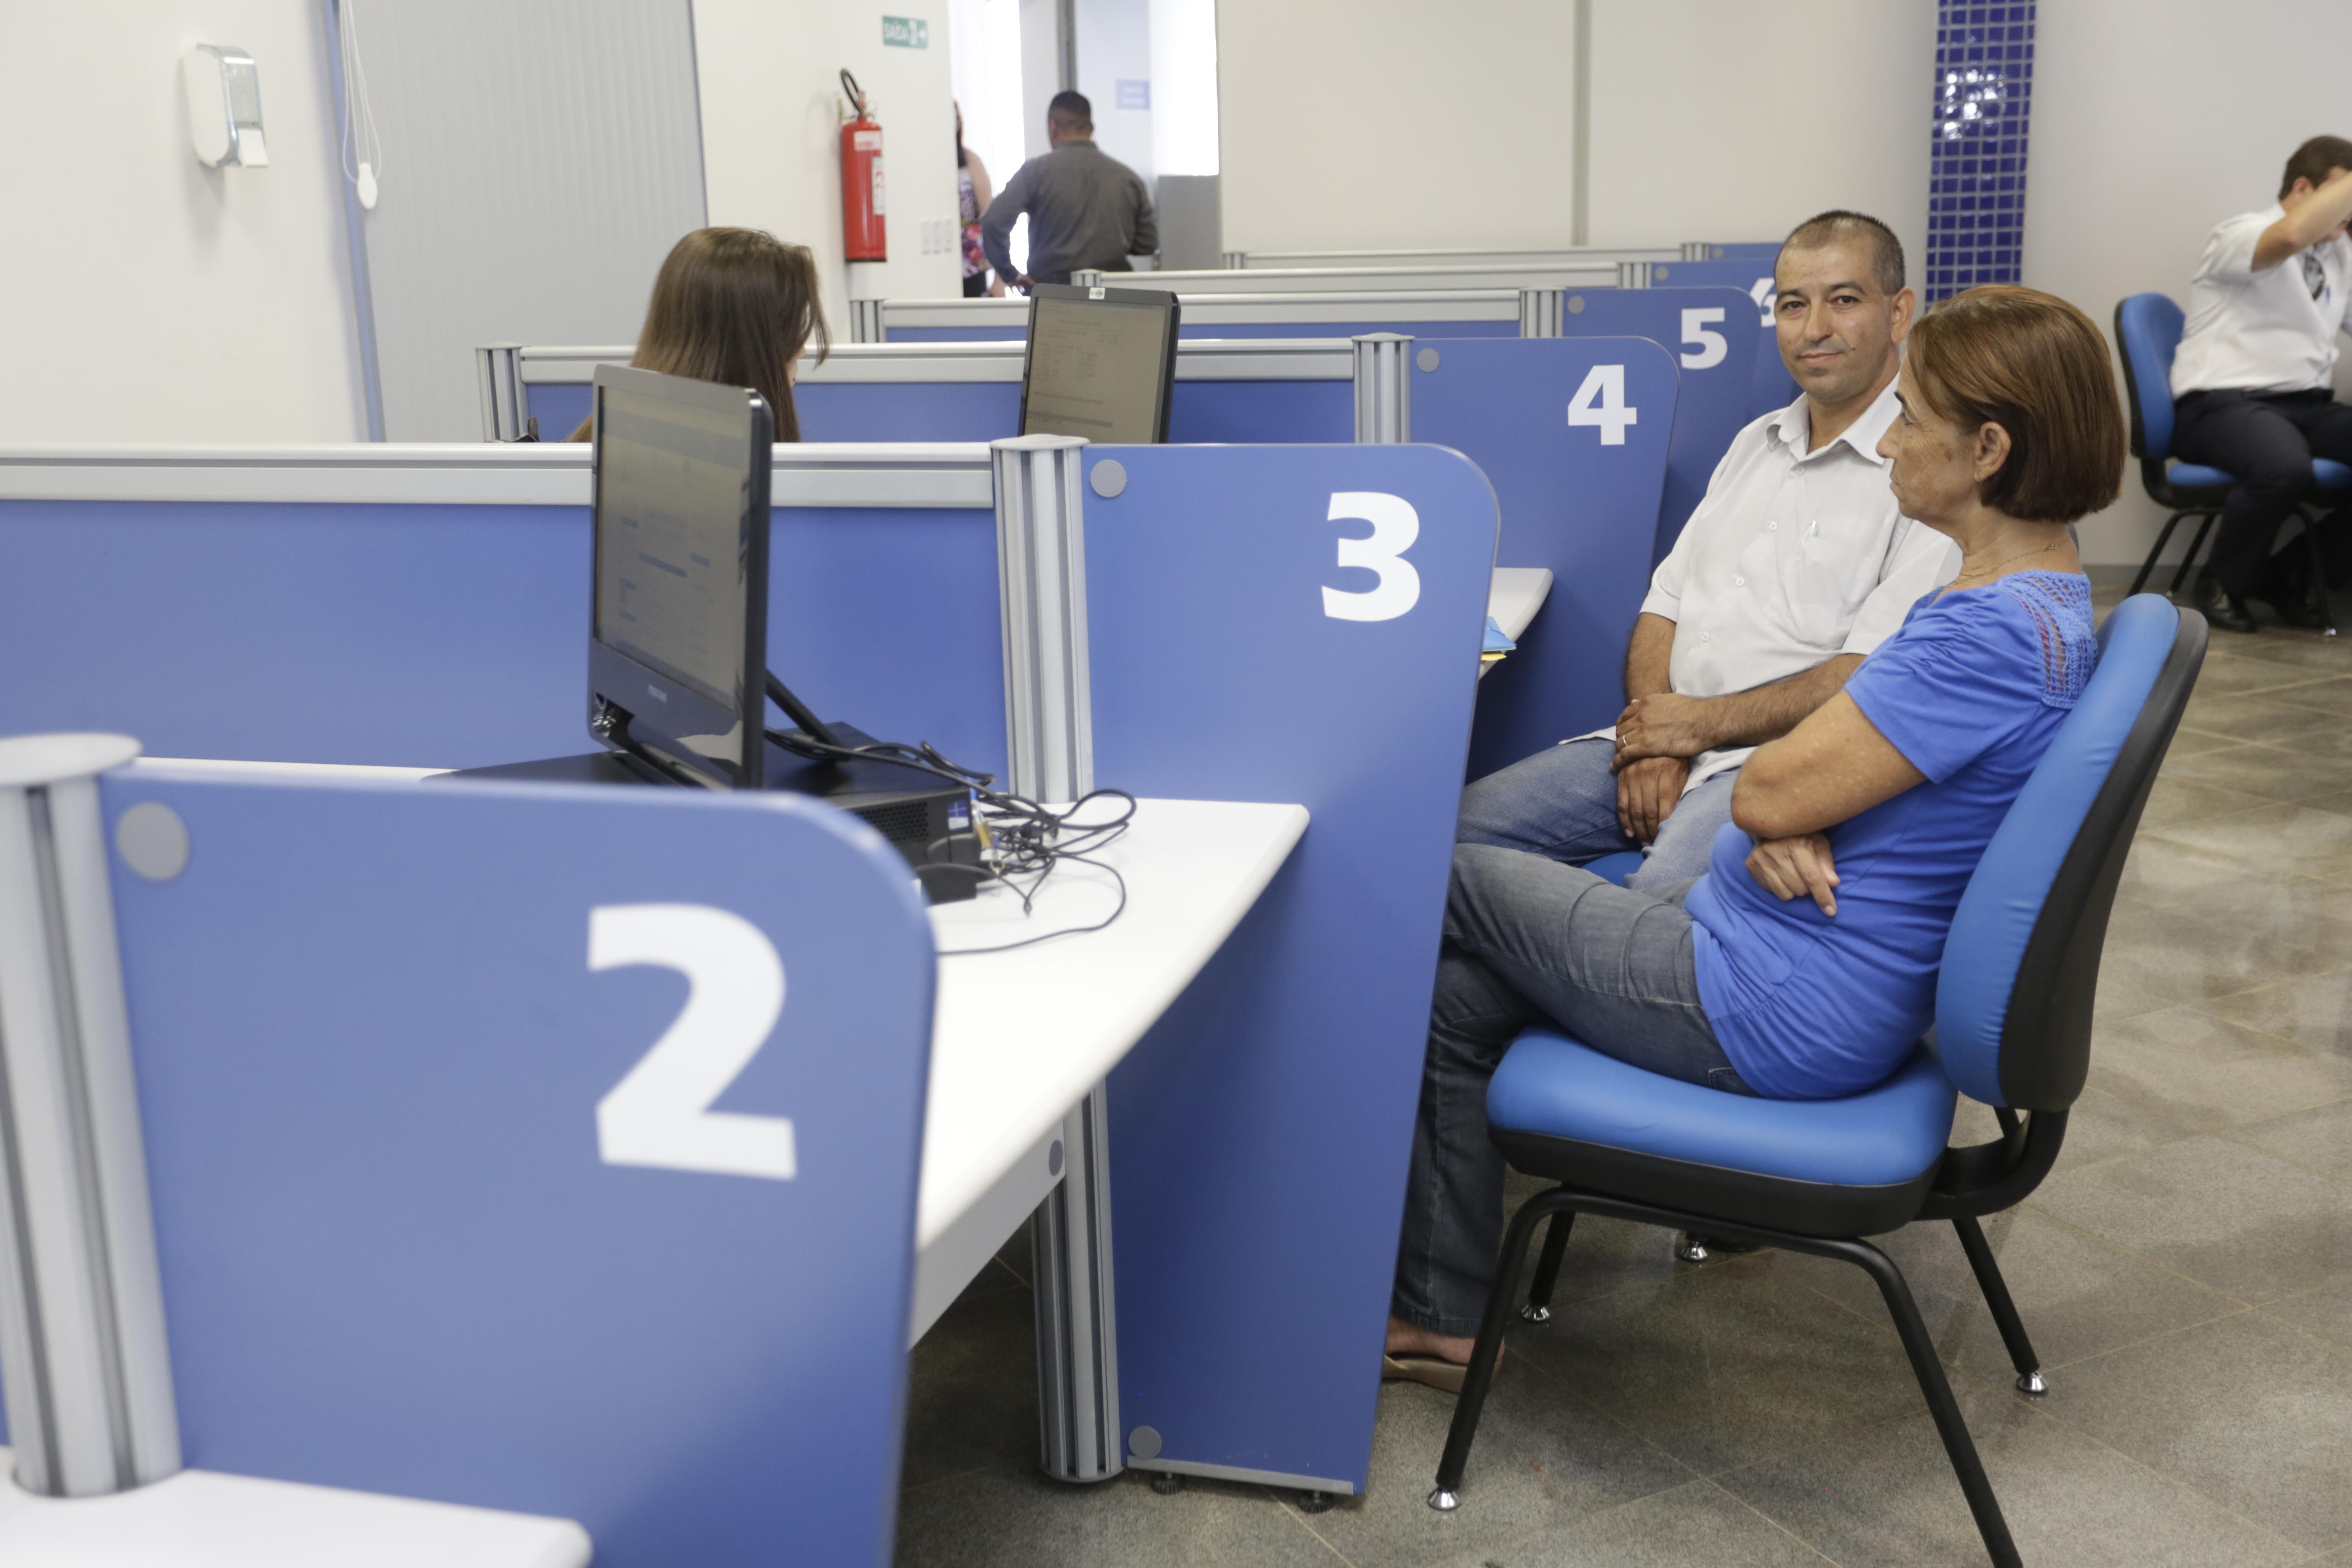 Agência foi equipada com mobiliário novo para melhor atender o segurado. Foto Erasmo Salomão